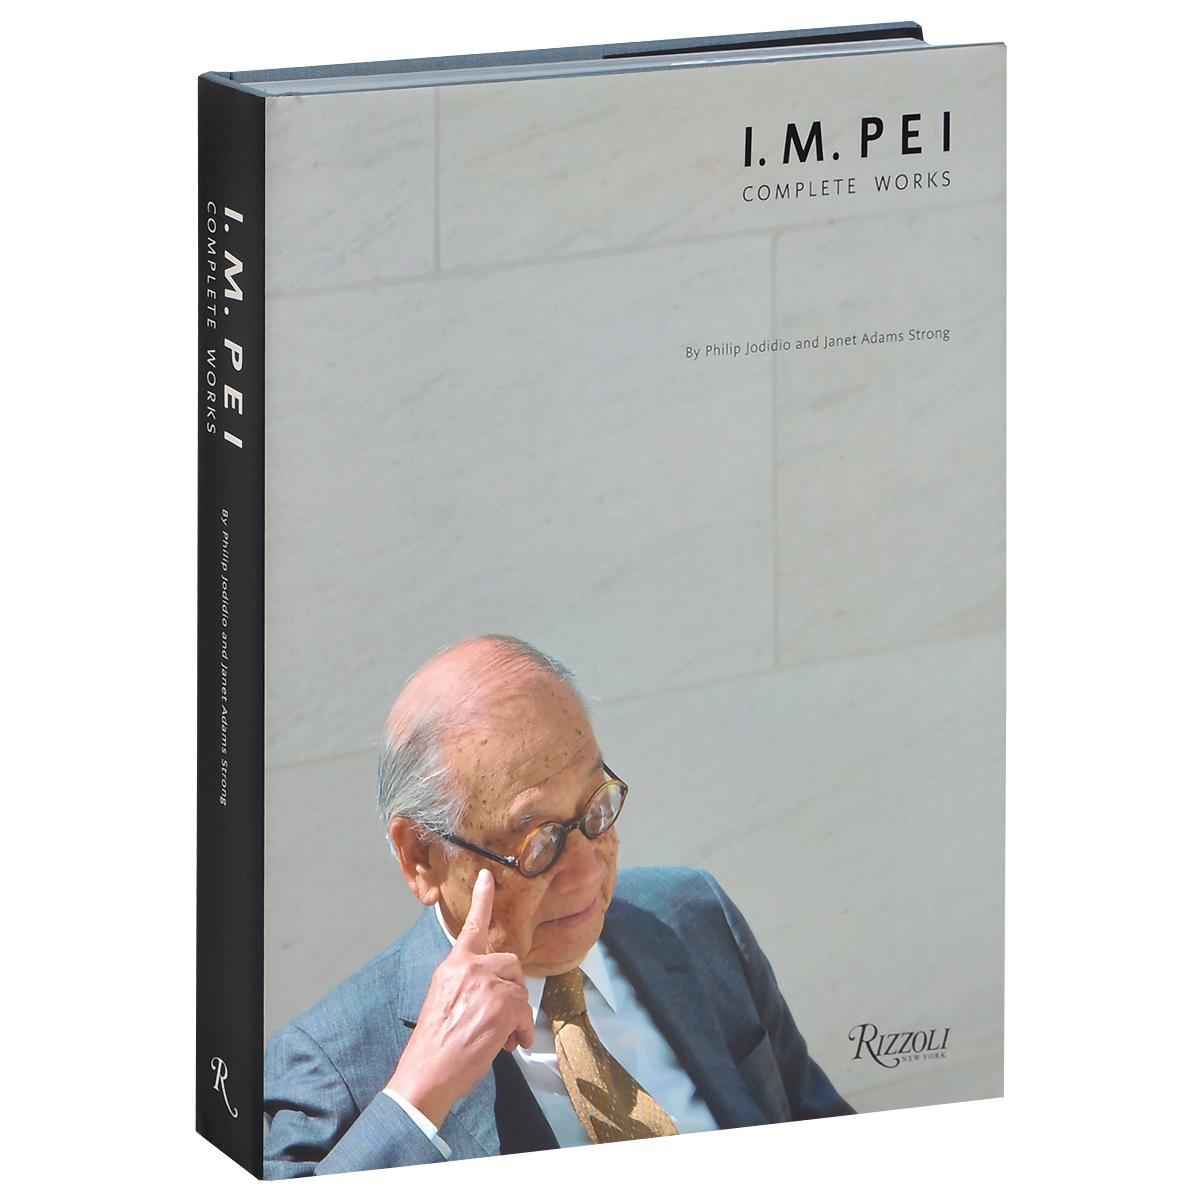 I. M. Pei: Complete Works